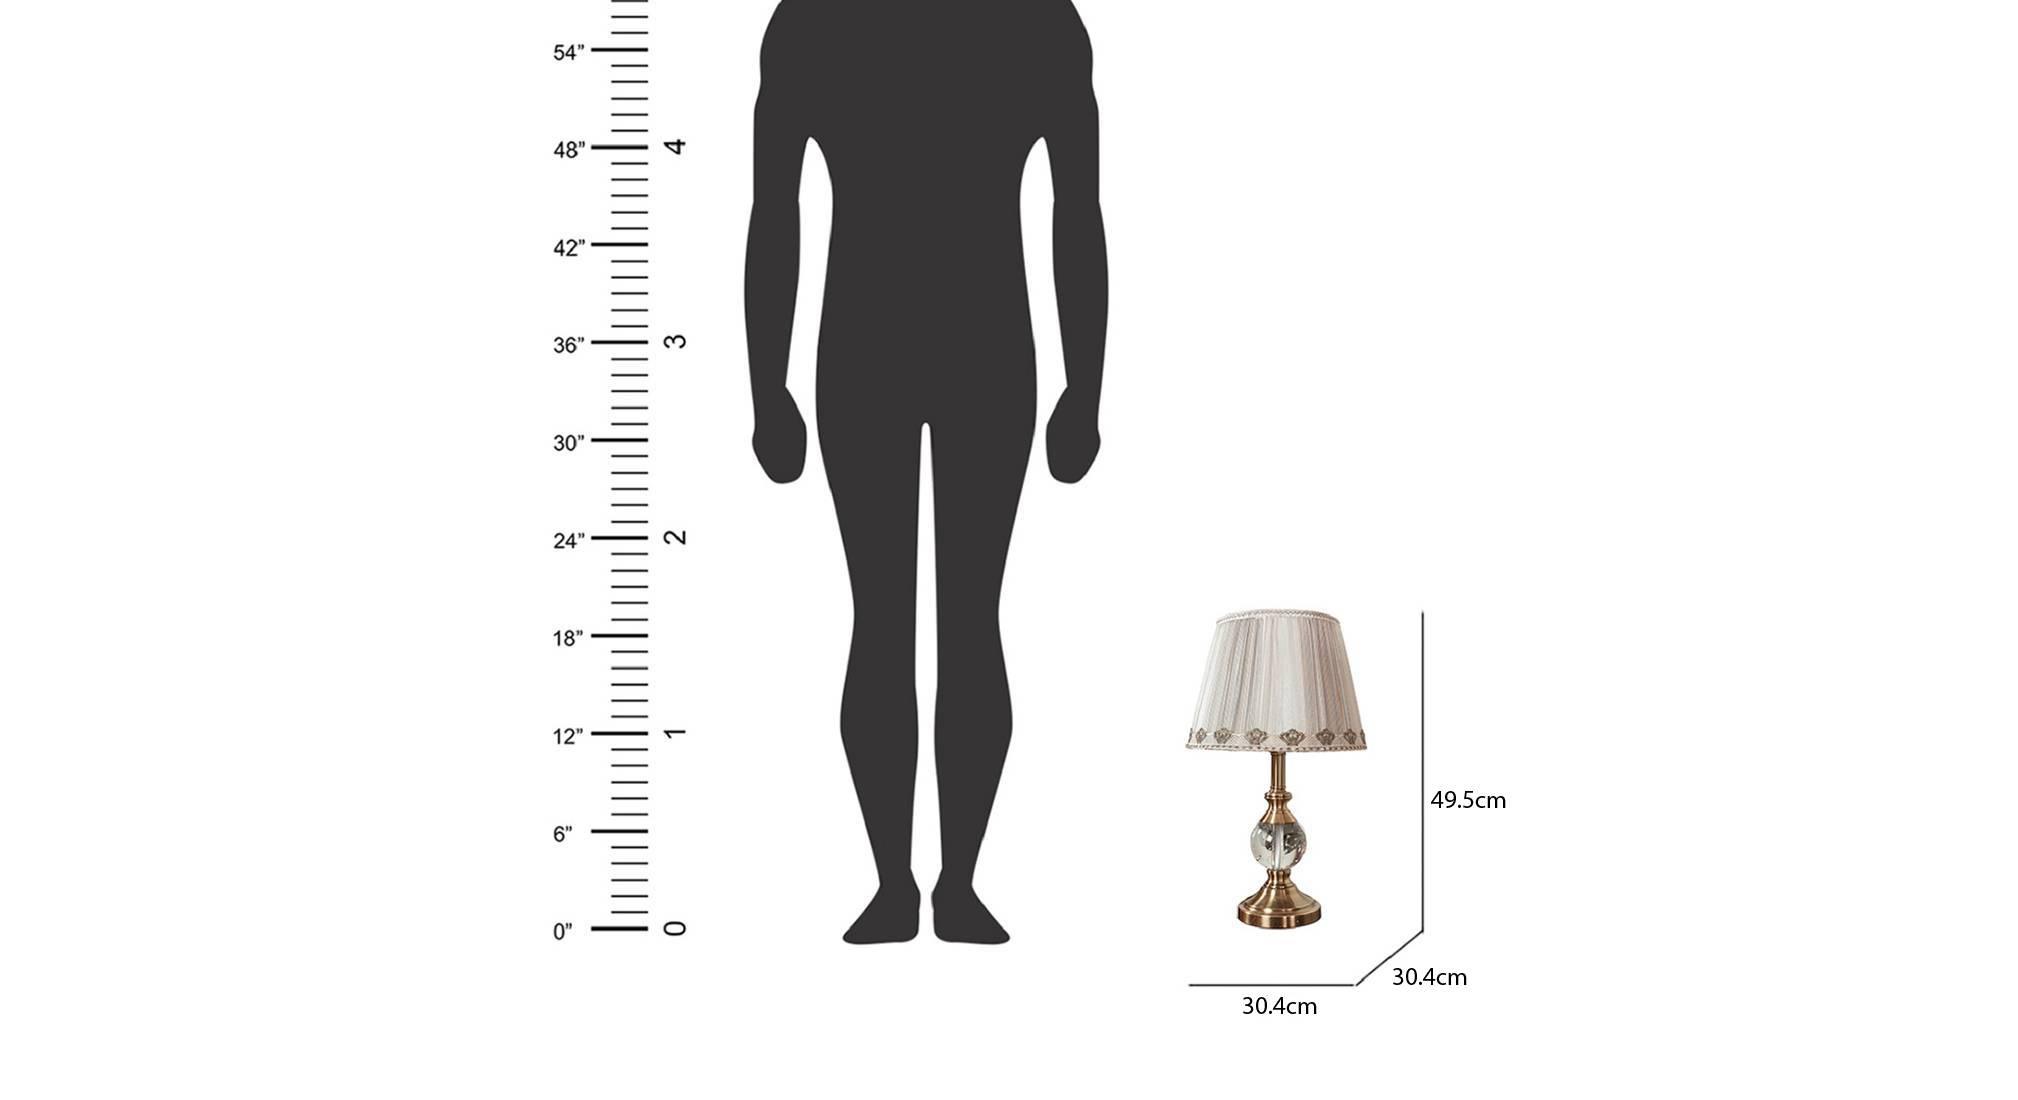 Zedd table lamp 5